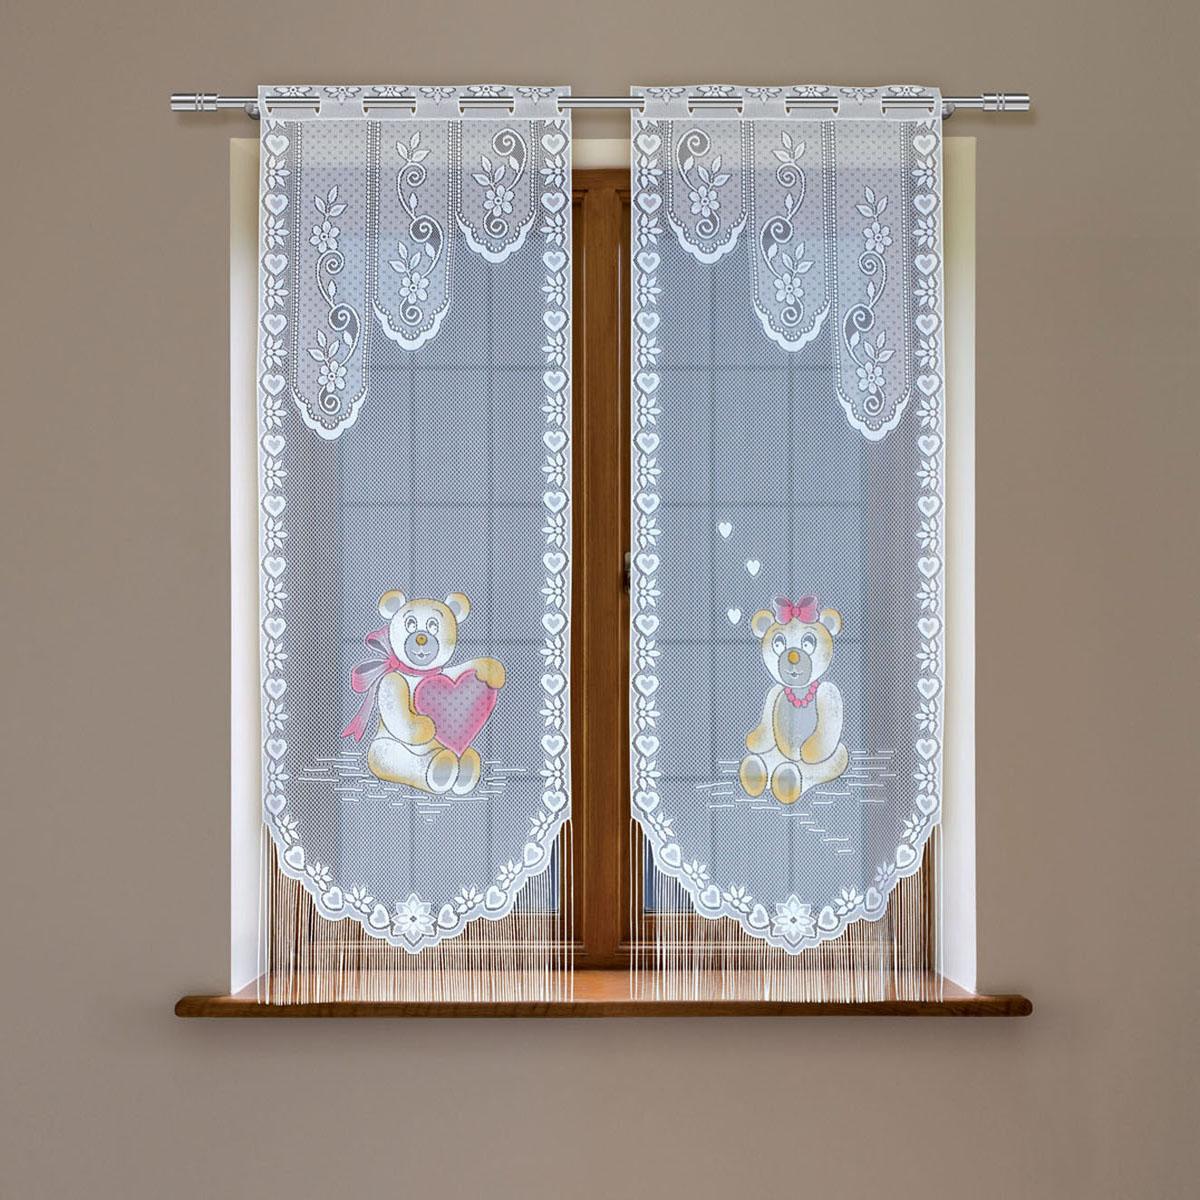 Гардина Haft, цвет: белый, высота 220 см. 8148Е/608148Е/60Гардина-витраж Haft изготовленная из полиэстера, станет изюминкой интерьера вашей комнаты. Гардина имеет в верхней части полотна прорези, через которые вешается на карниз. Гардину можно крепить на зажим для штор, который в комплект не входит.